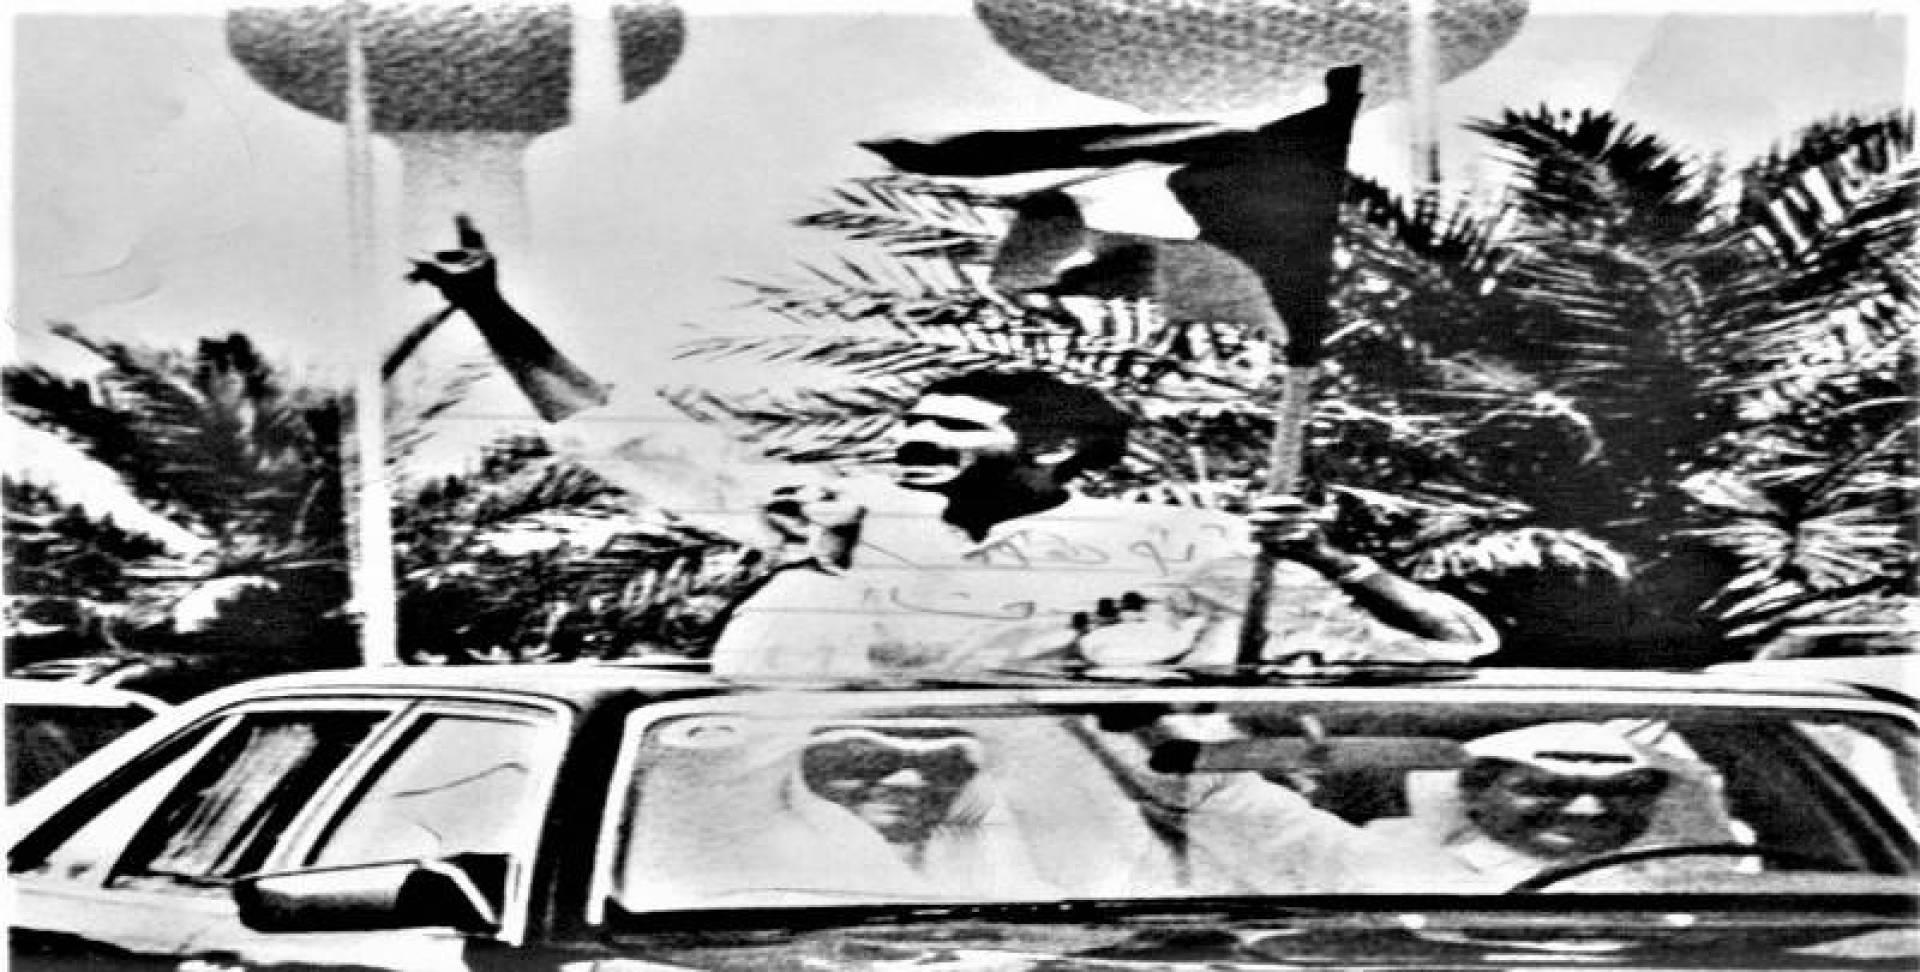 فرحة طاغية للشعب الكويتي بتحرير الرهائن وانتهاء المأساة أخيرًا.. وفي الإطار الركاب المحررون في قاعة التشريفات بمطار بومدين في انتظار طائرة العودة للوطن